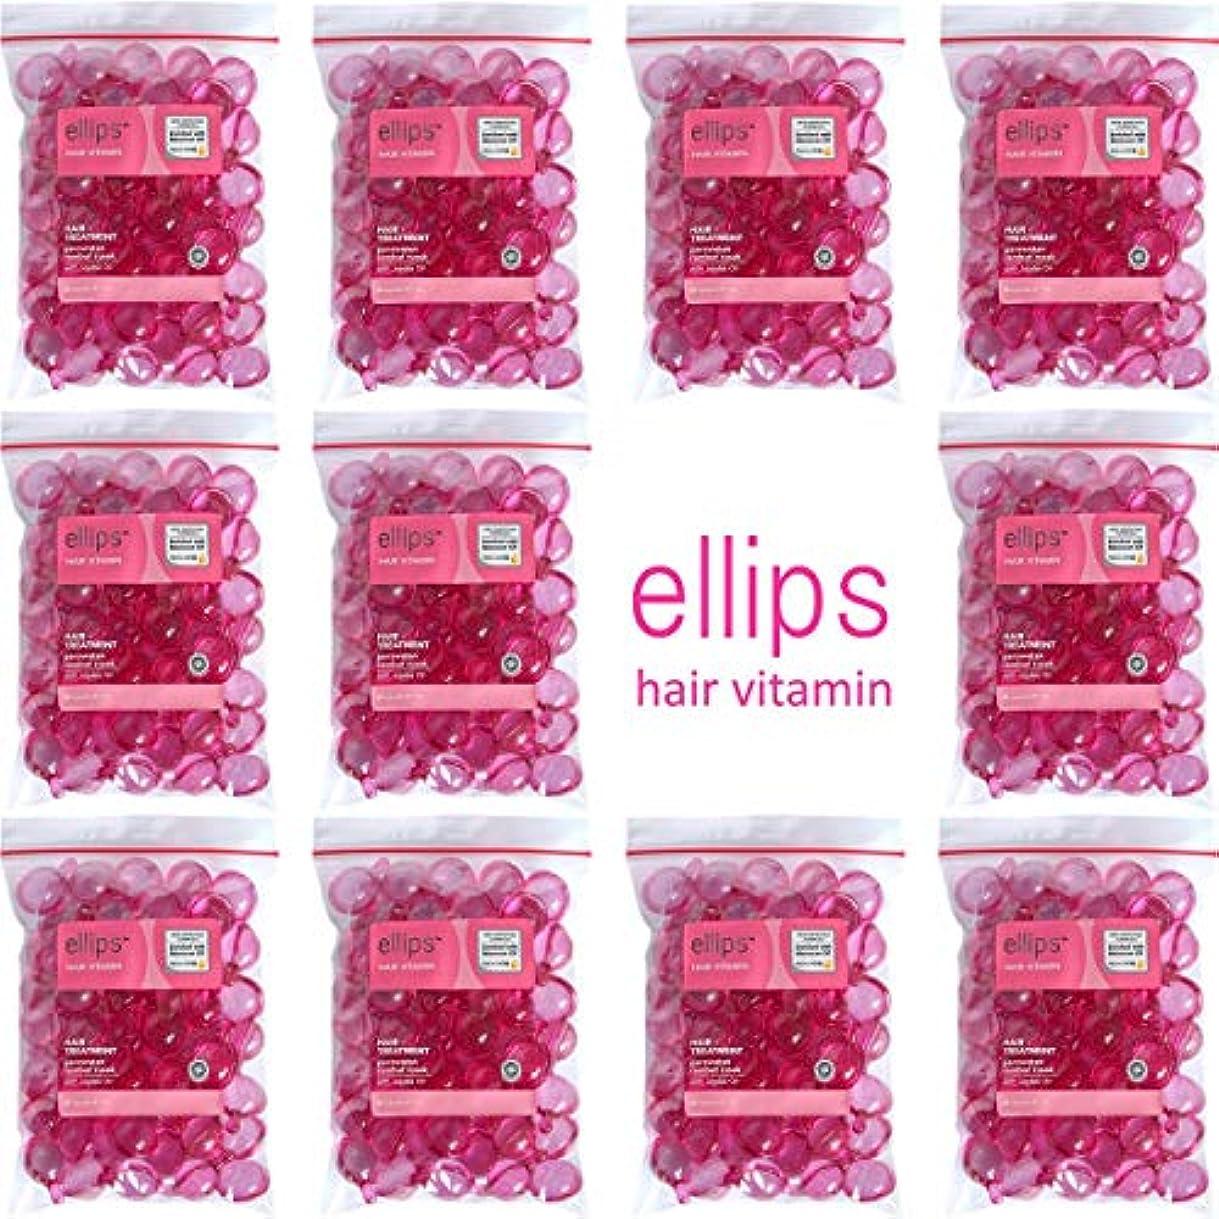 症状サイレン鳴り響くellips エリプス エリップス ヘアビタミン ヘアオイル 洗い流さないトリートメント アウトレット袋詰め 50粒入×11個セット ピンク [海外直送品]